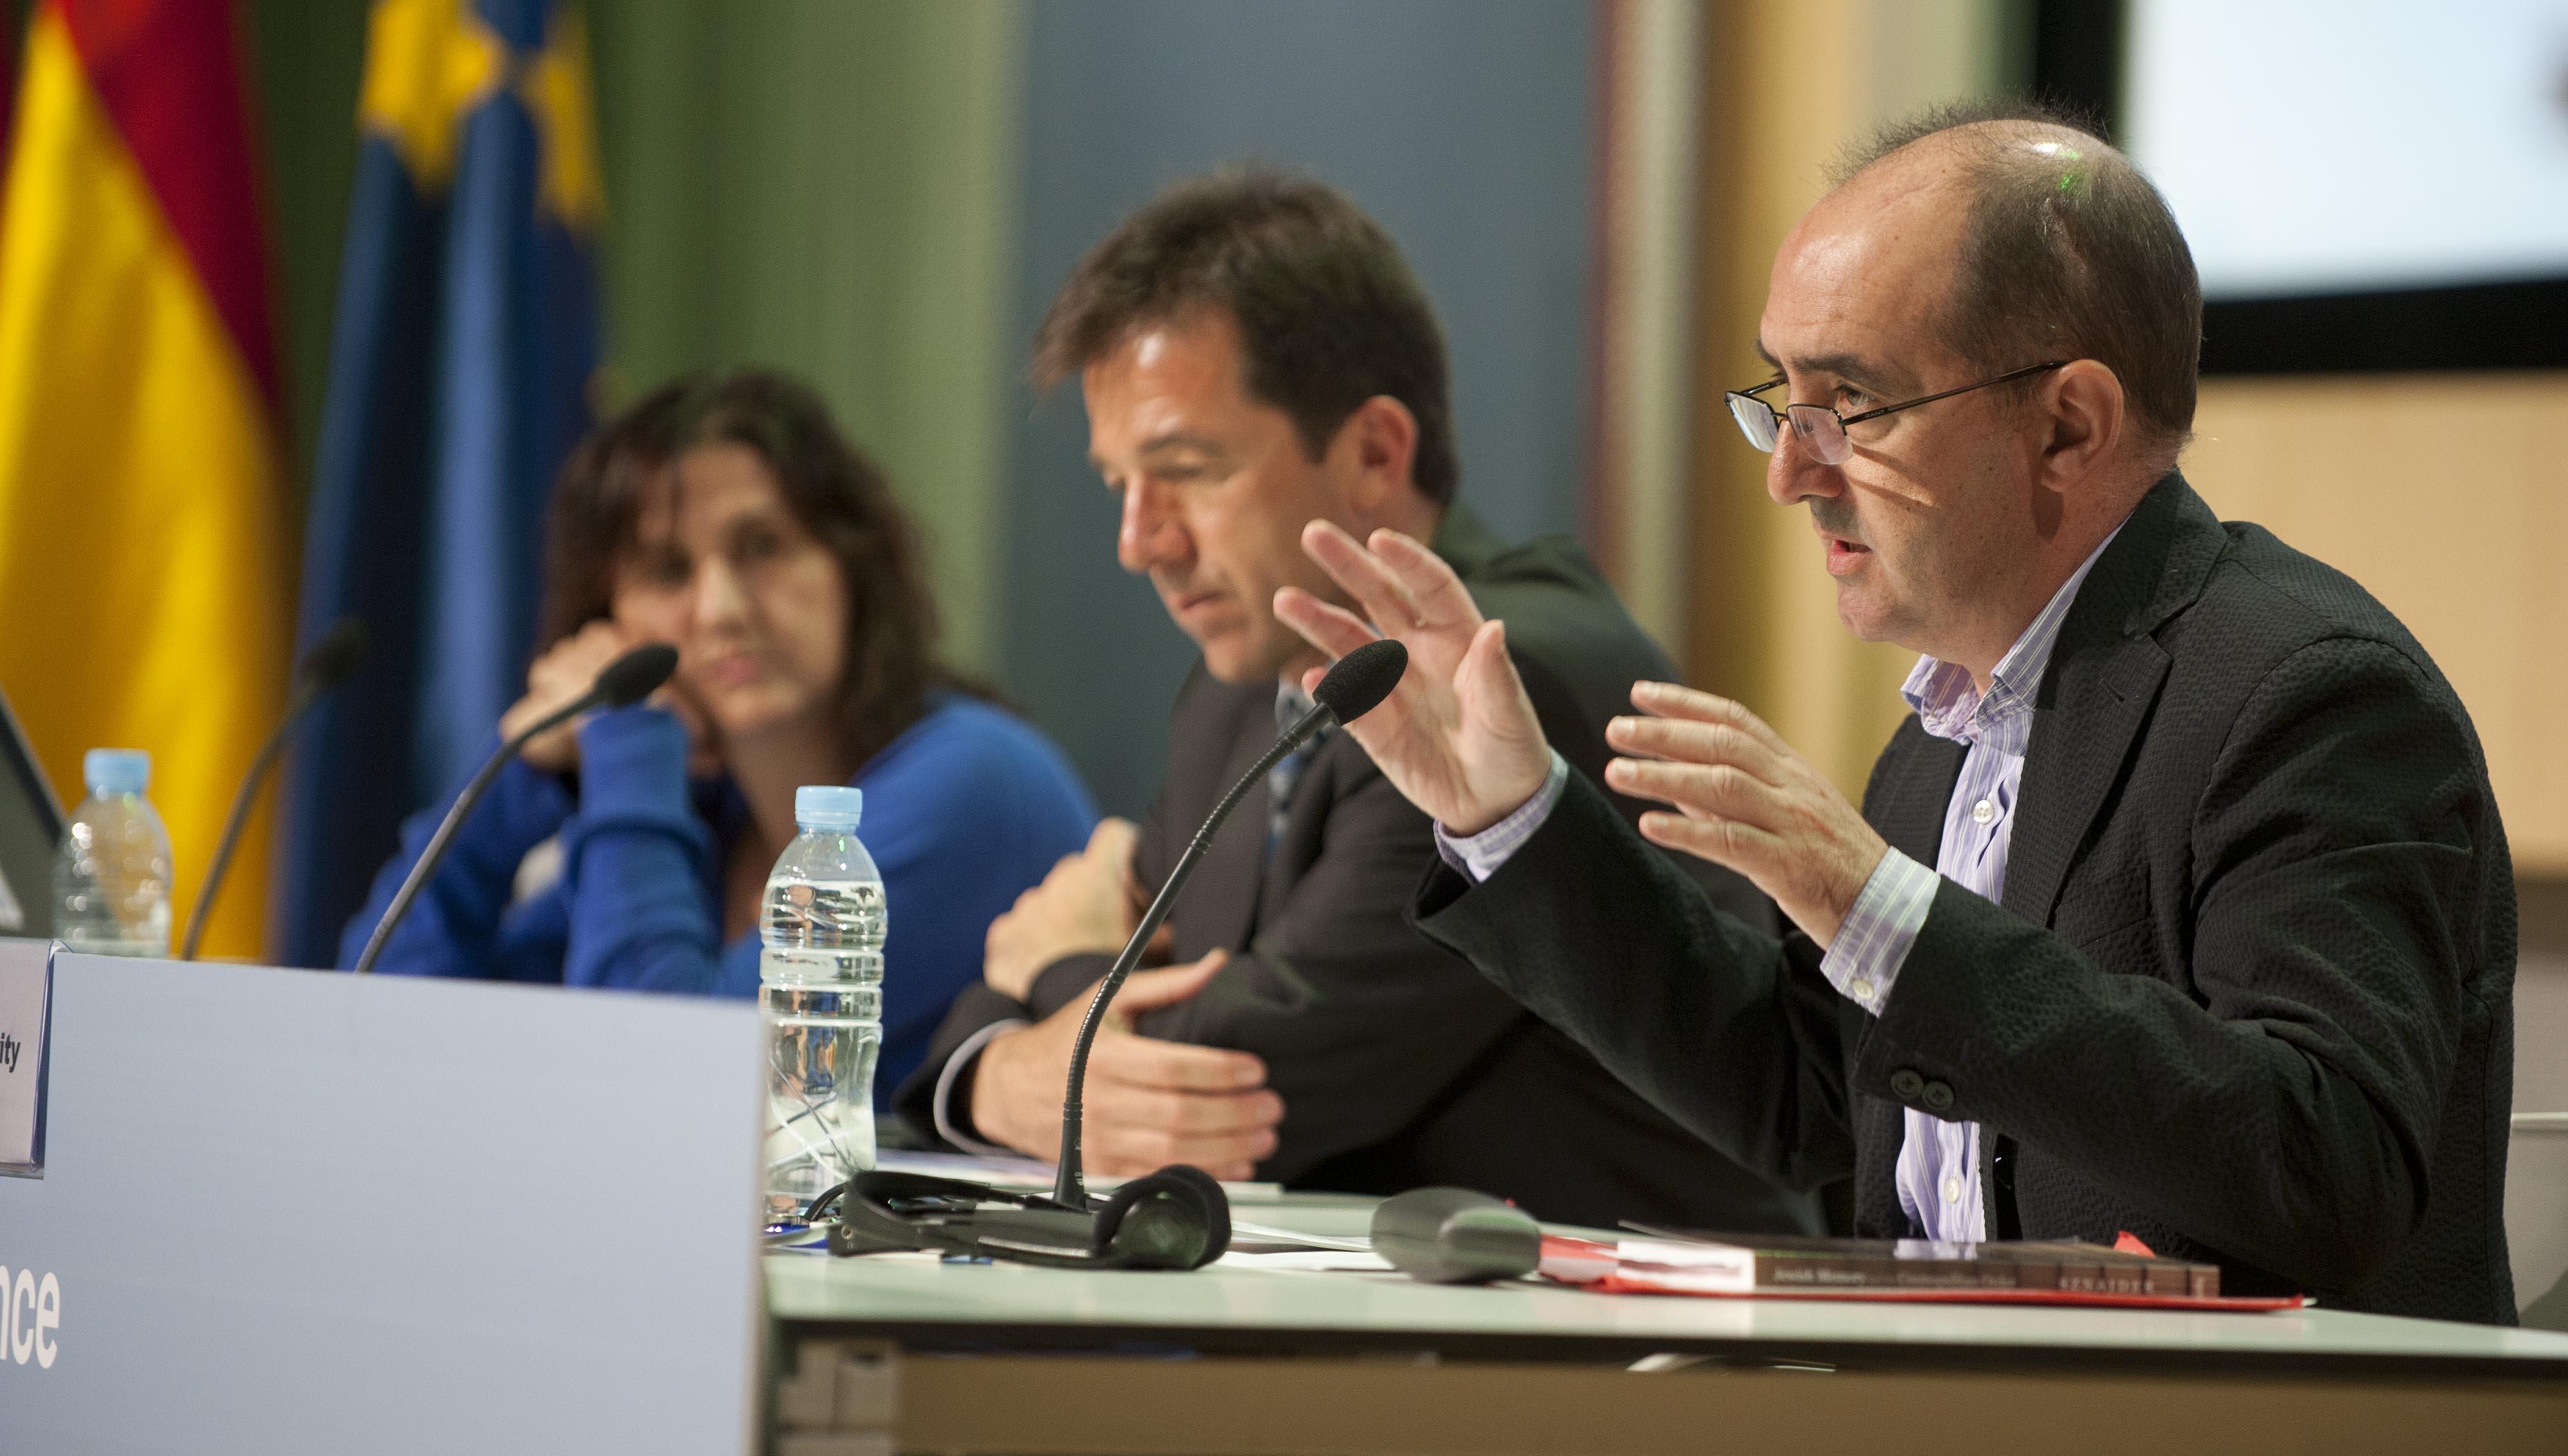 2012_05_18_congreso_memoria_convivencia_14.jpg